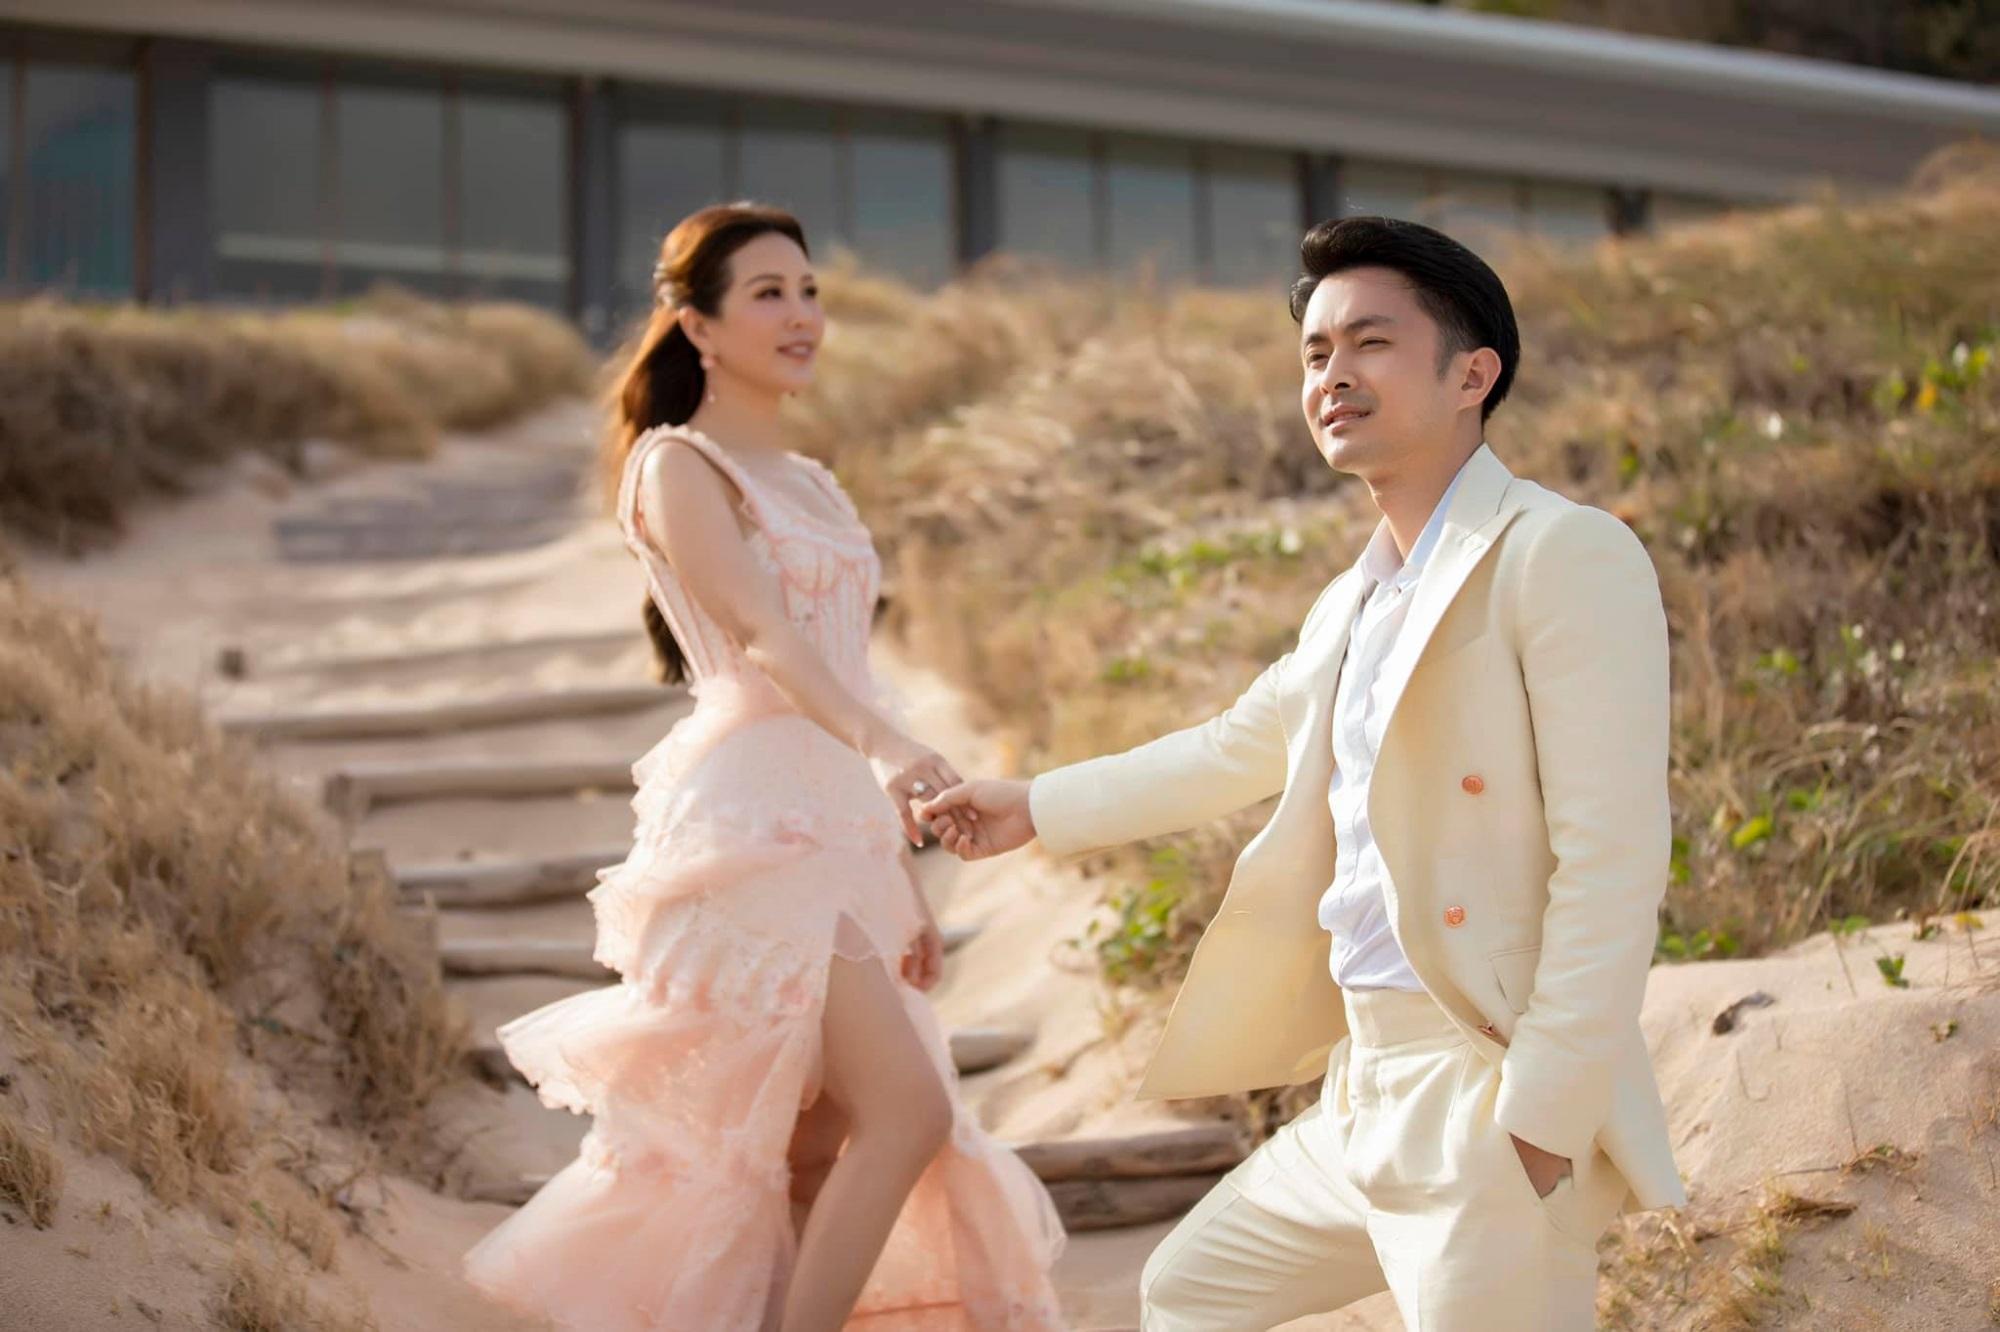 Hôn nhân tan vỡ, mỹ nhân Việt nên duyên cùng tình trẻ: Người được cưng chiều hết nấc, người kết hôn cùng 'phi công' kém 10 tuổi  - Ảnh 9